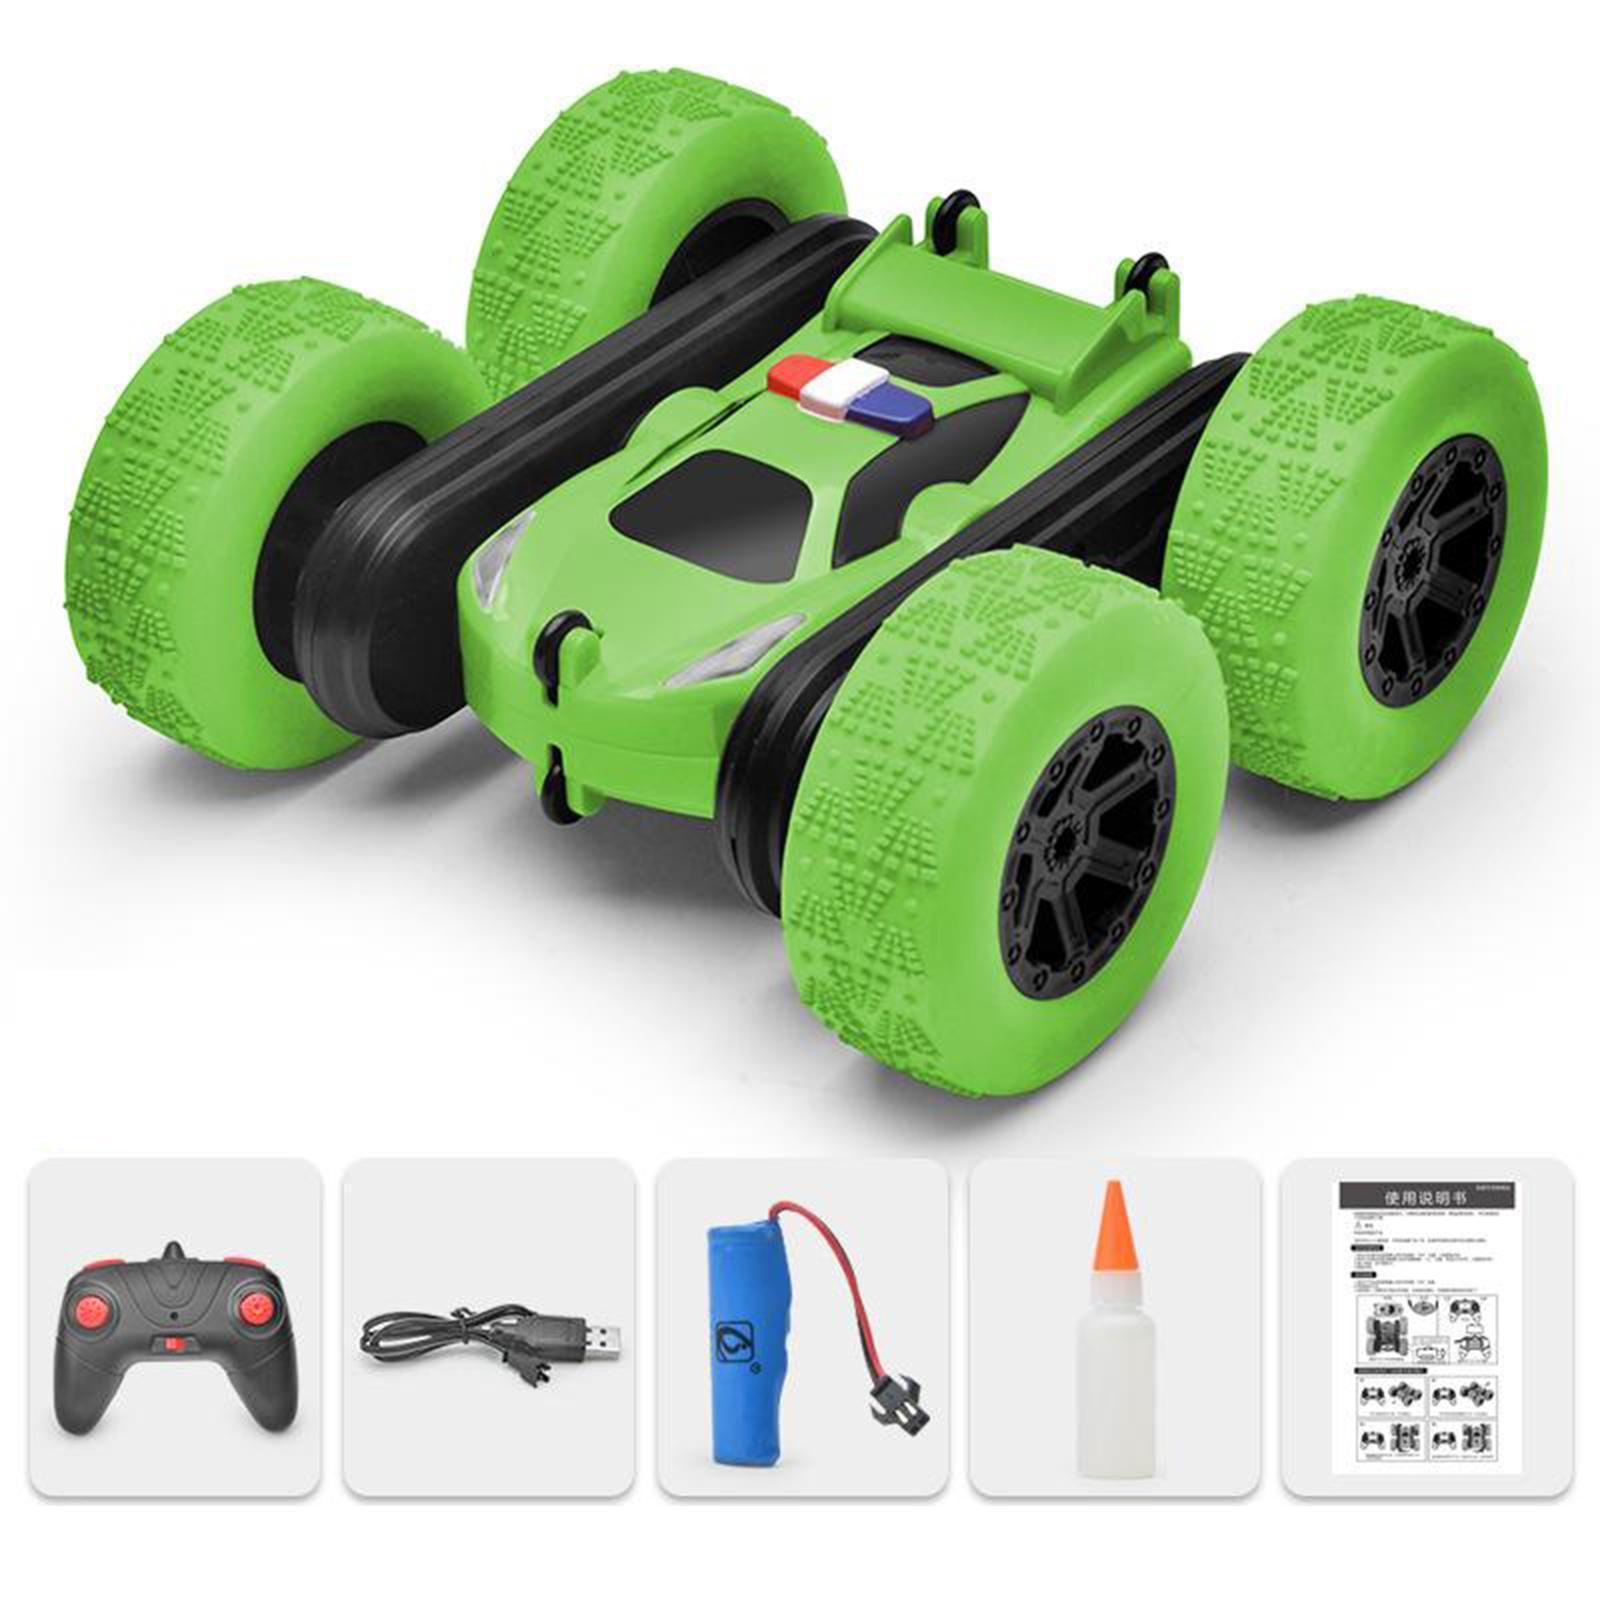 miniatura 53 - Telecomando Auto Stunt Car Giocattolo Per Bambini 2.4GHz di Controllo Remoto